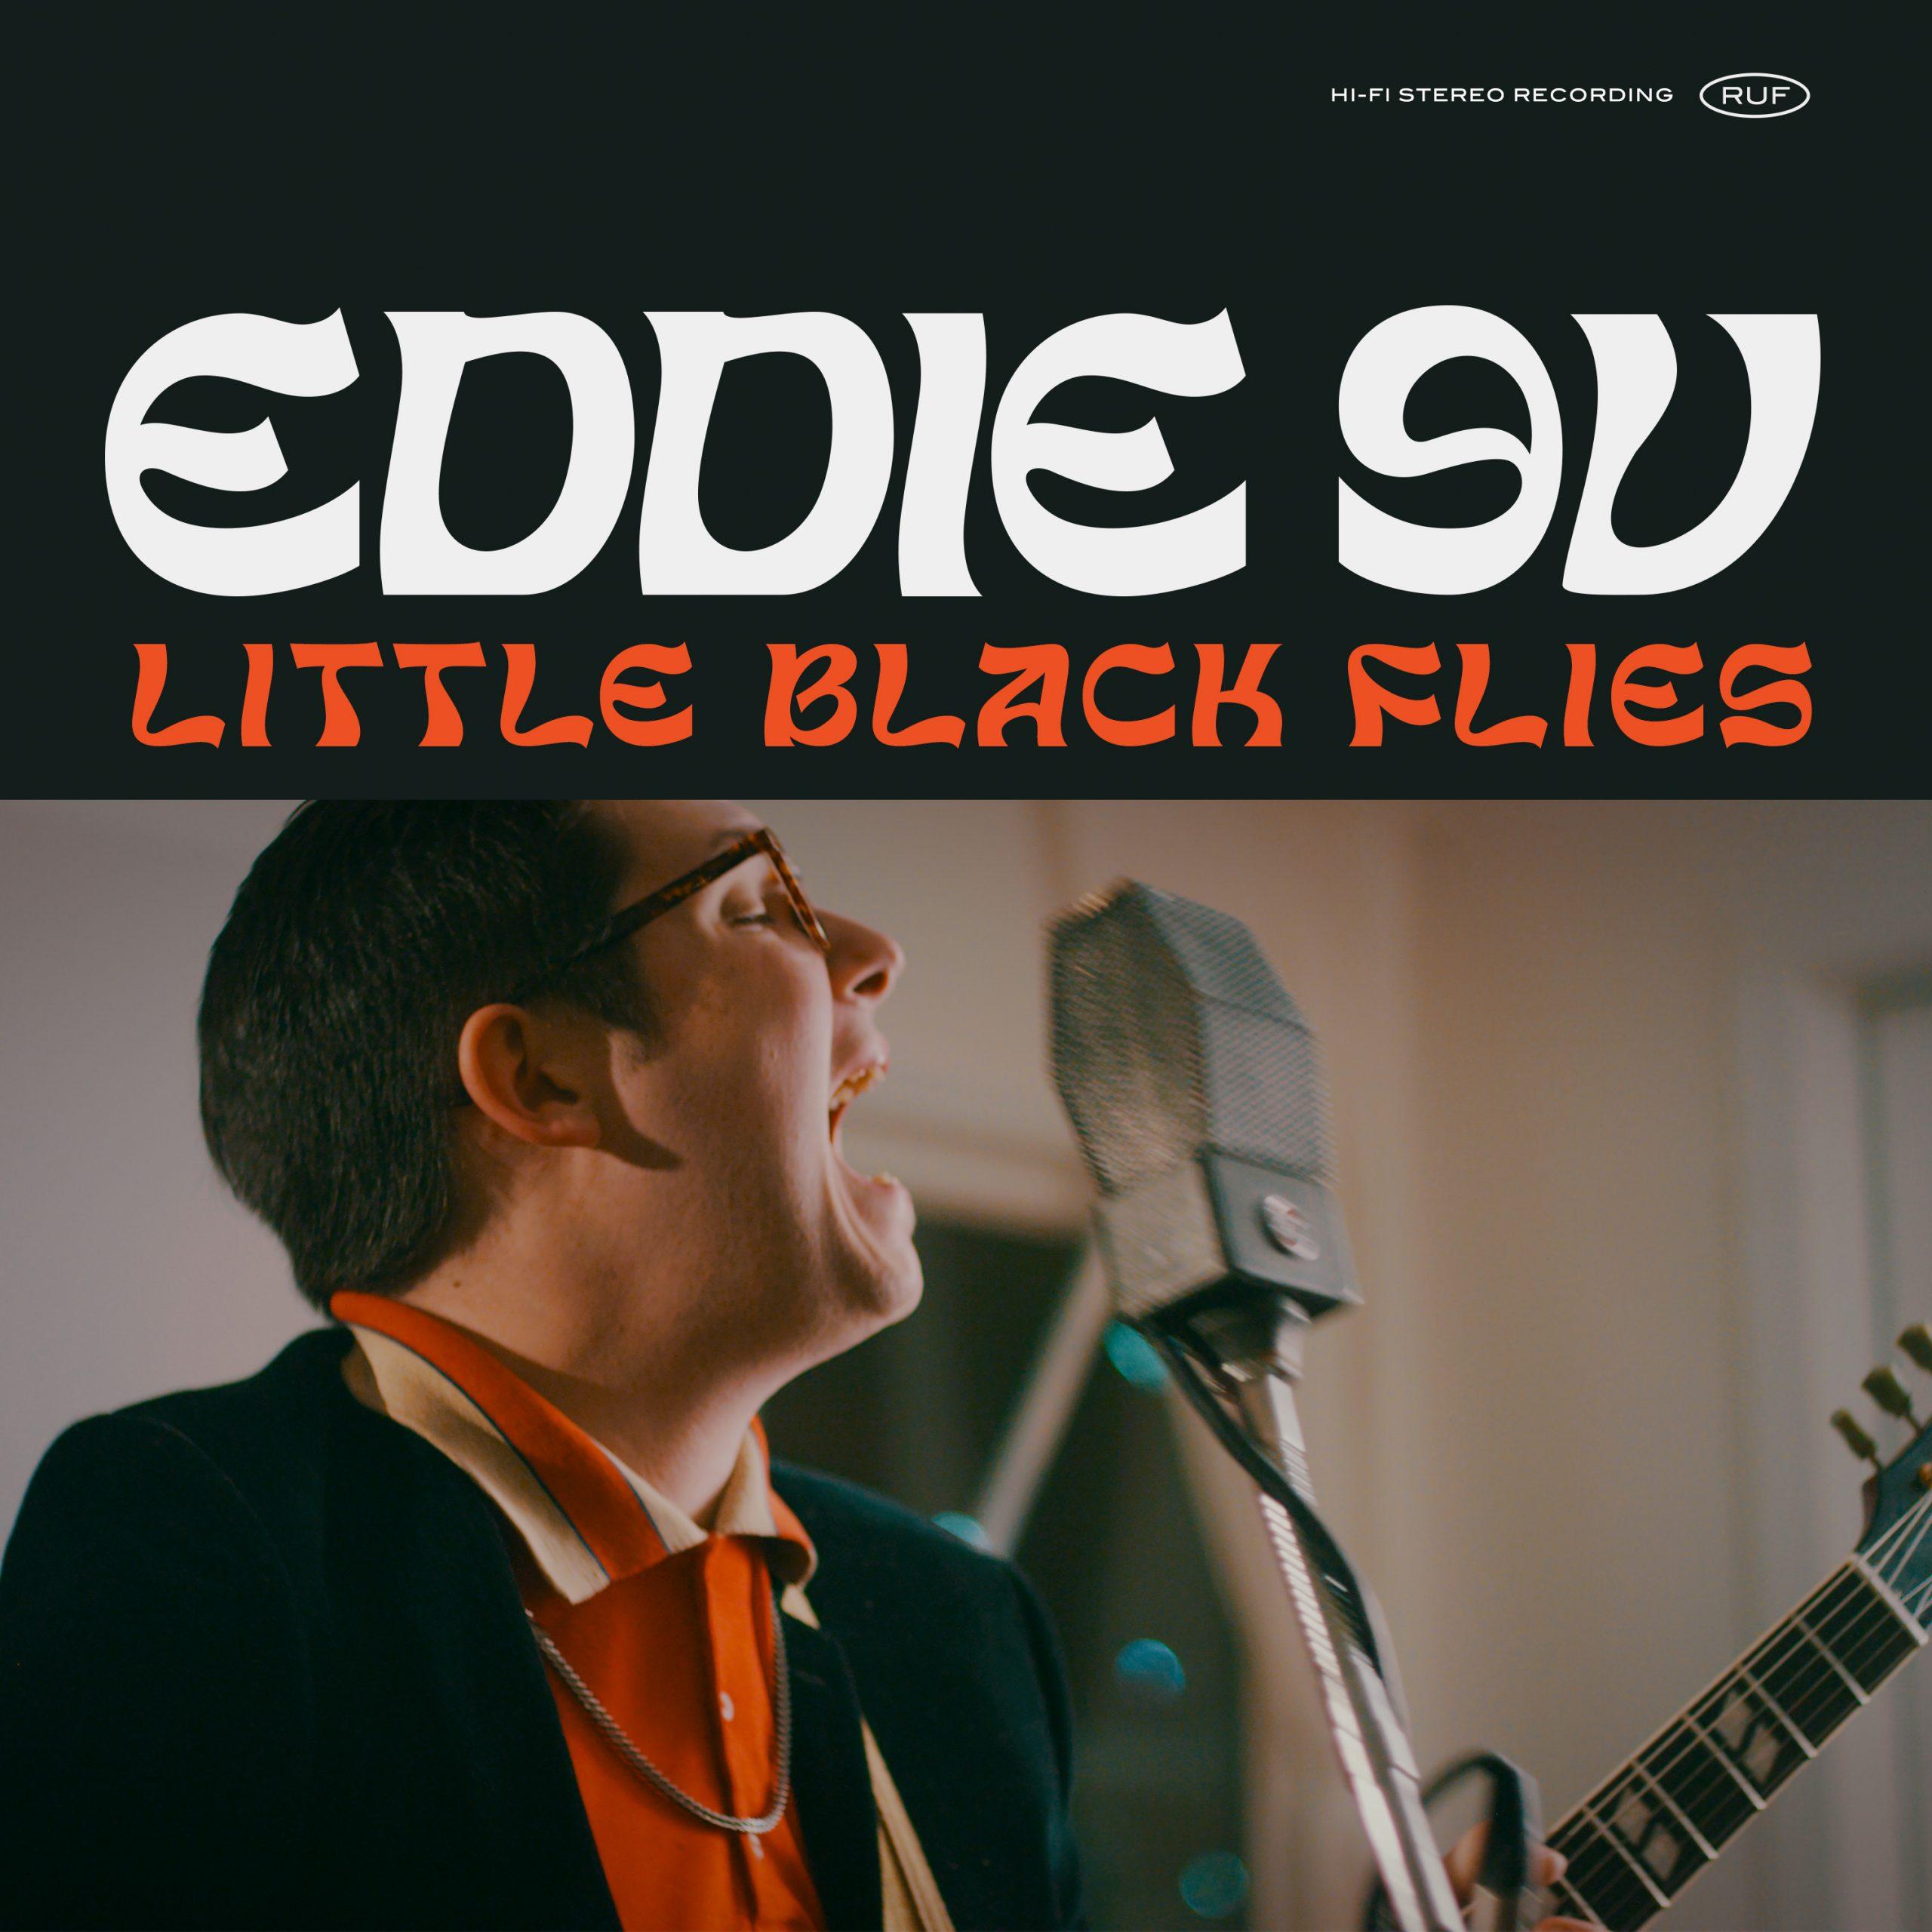 EDDIE 9V Neues Video und Album